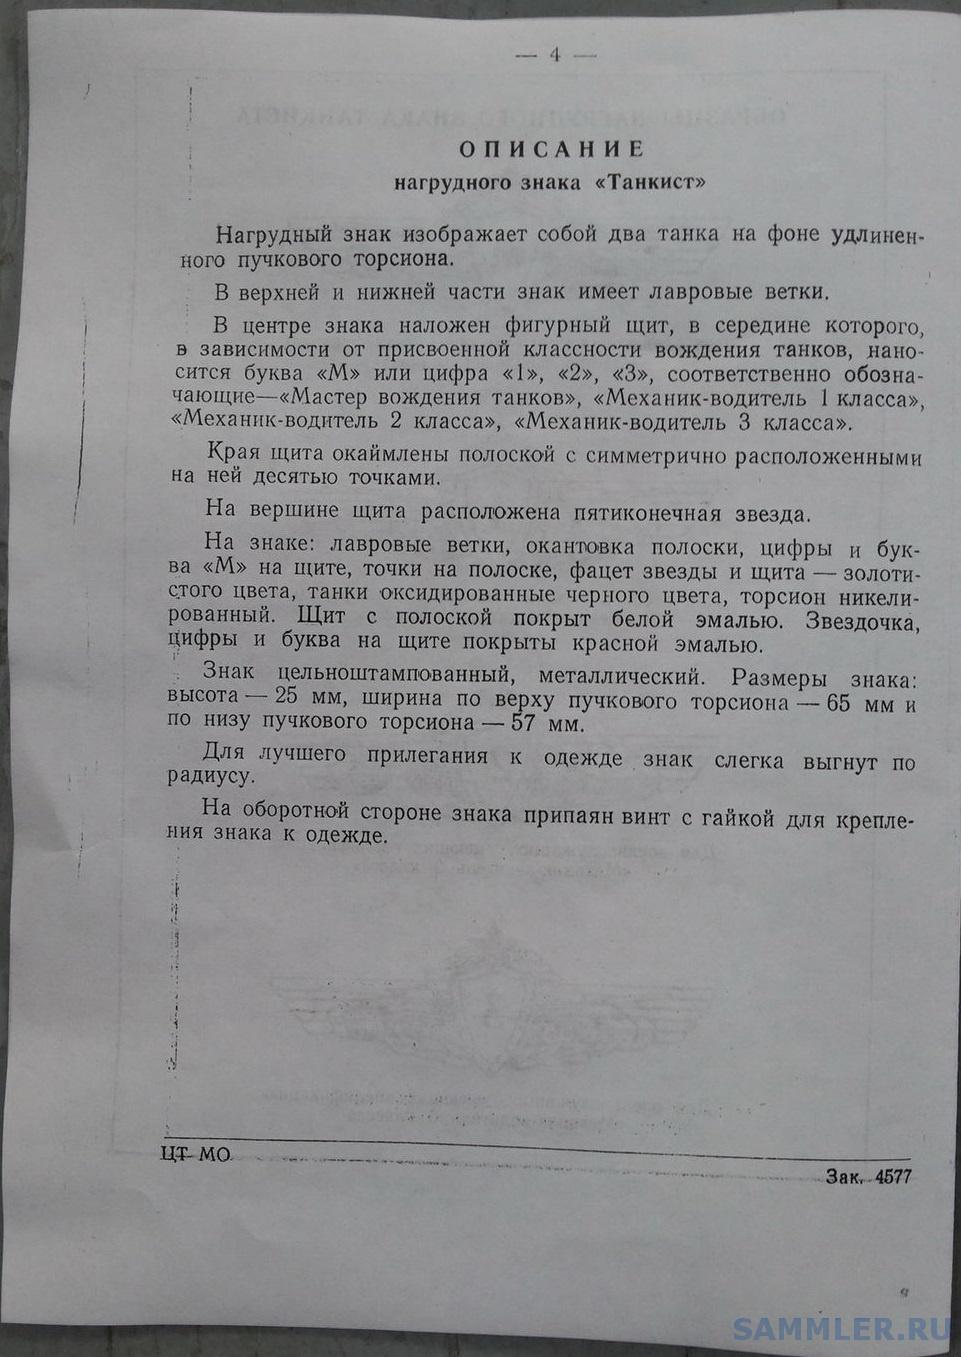 Приказ по Знаку ТАНКИСТ(2).jpg